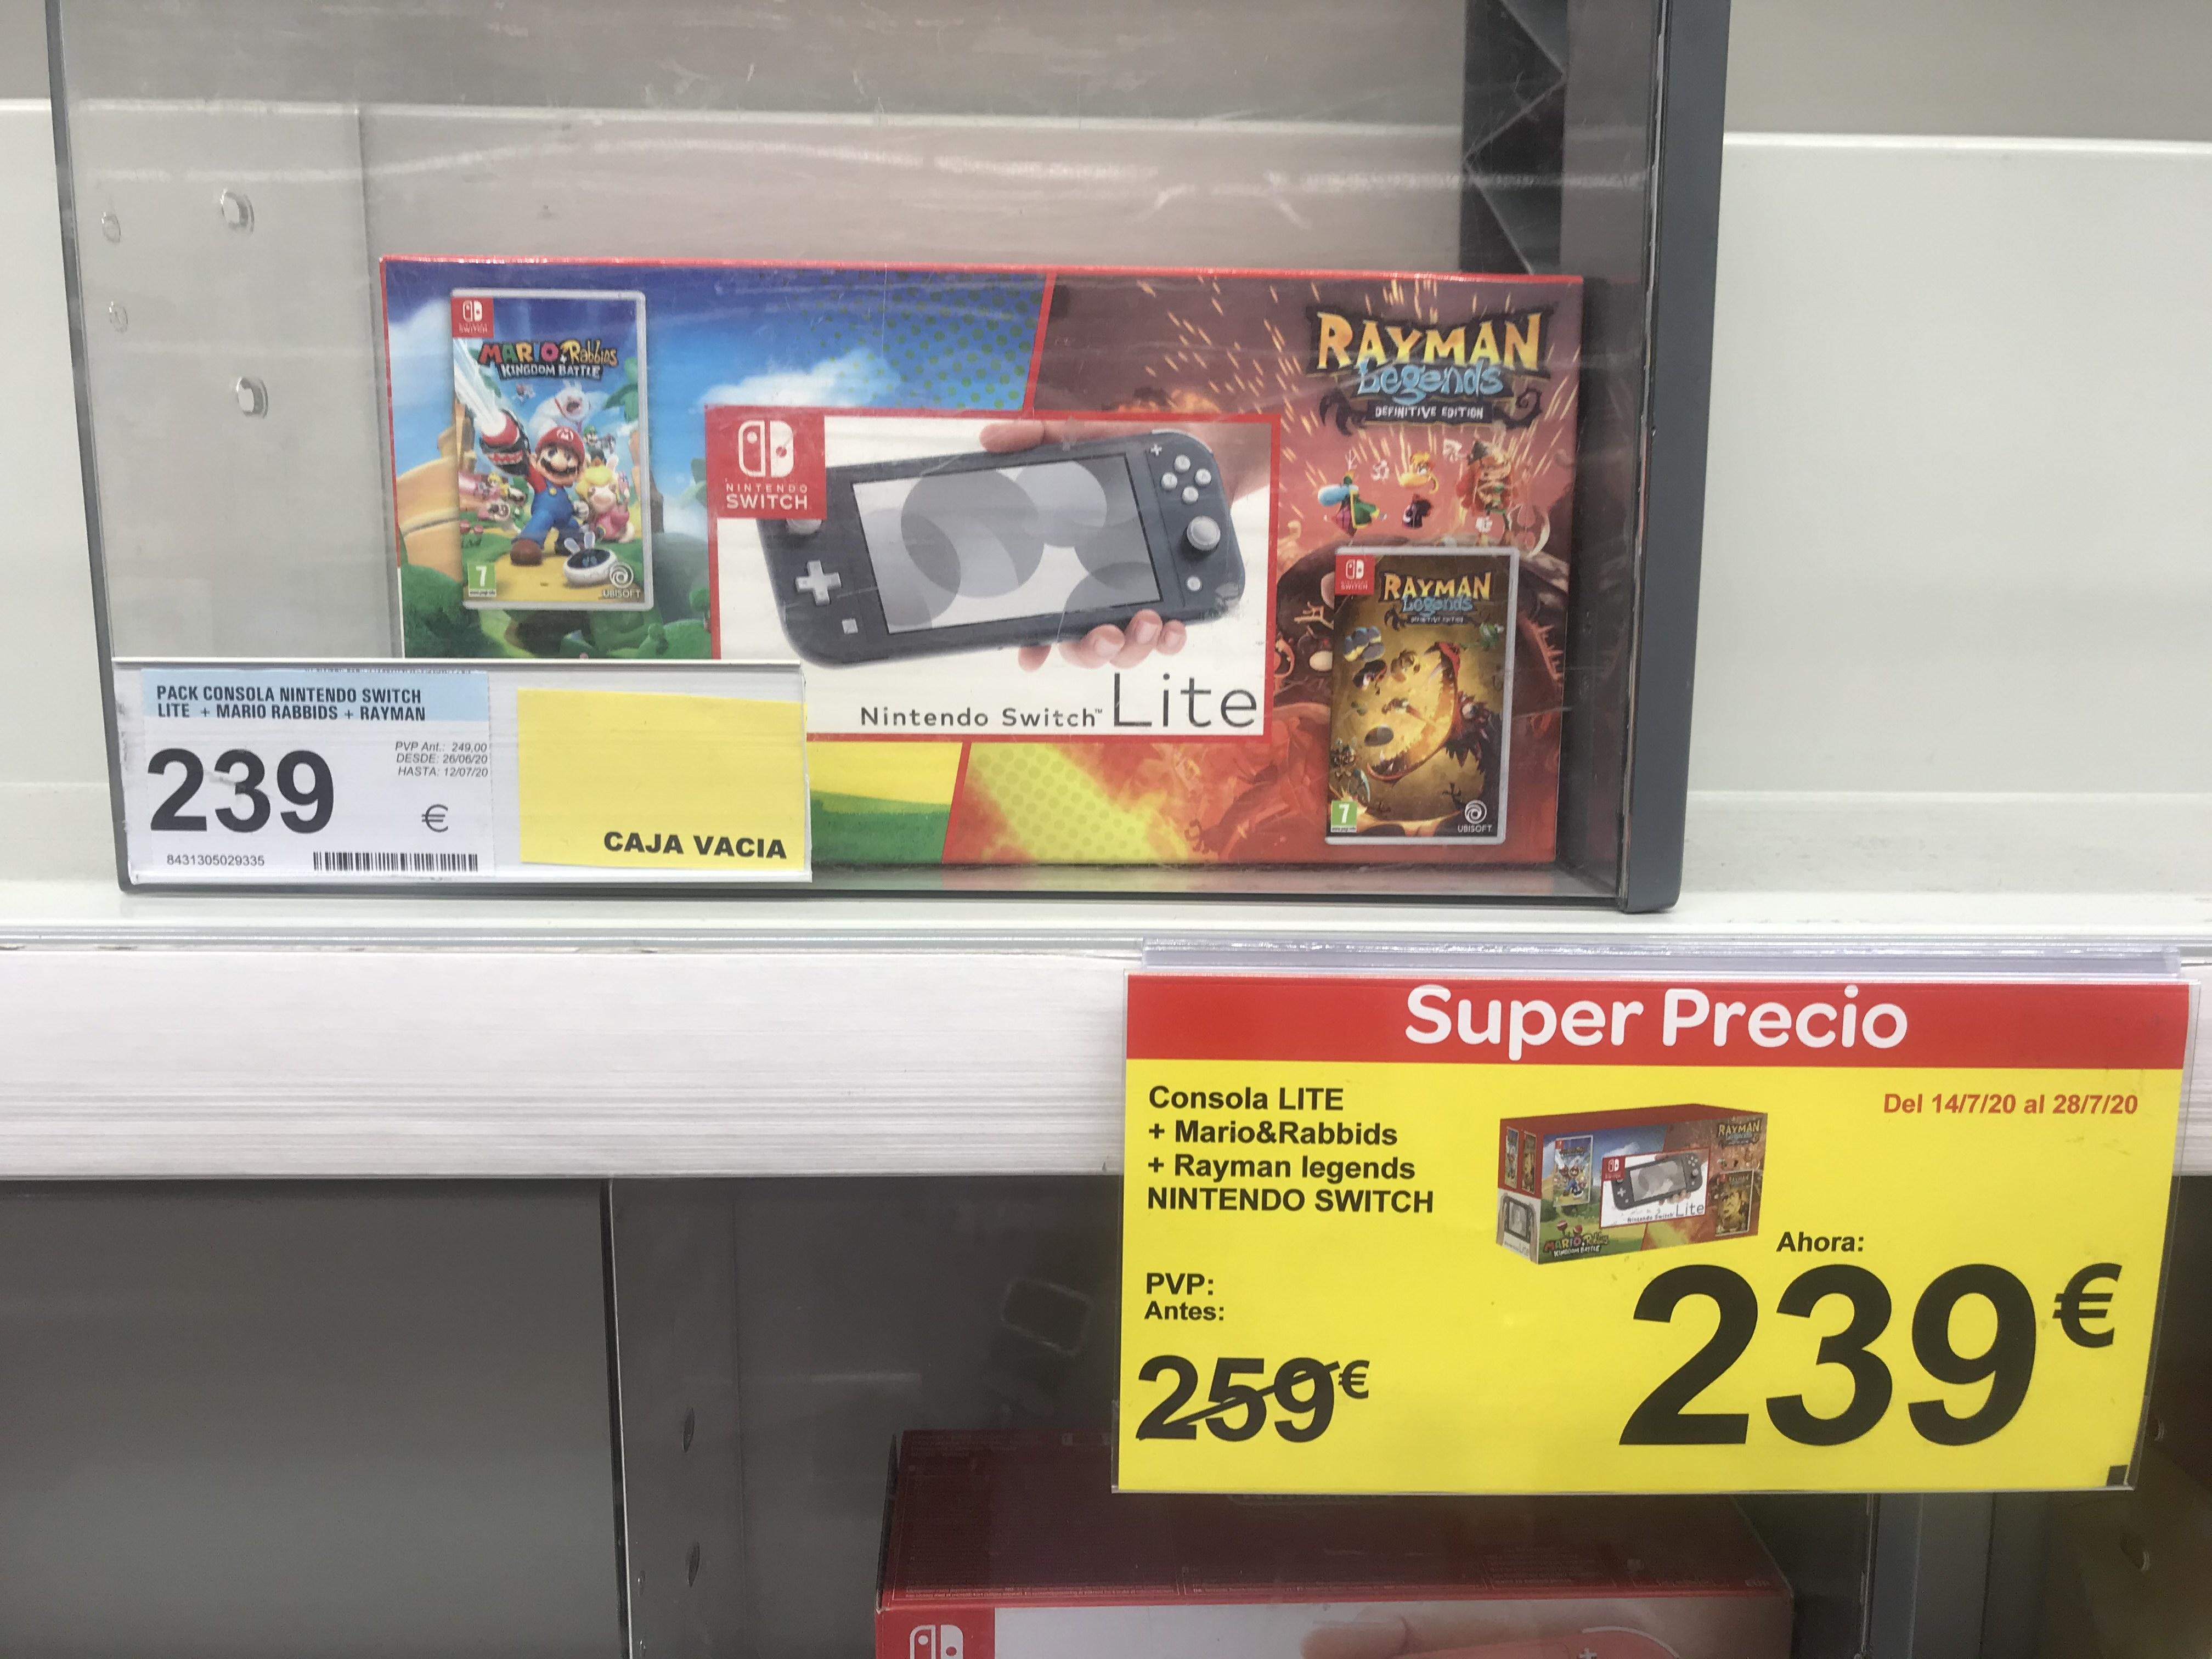 Nintendo Switch lite en carrefour de Erandio, Vizcaya